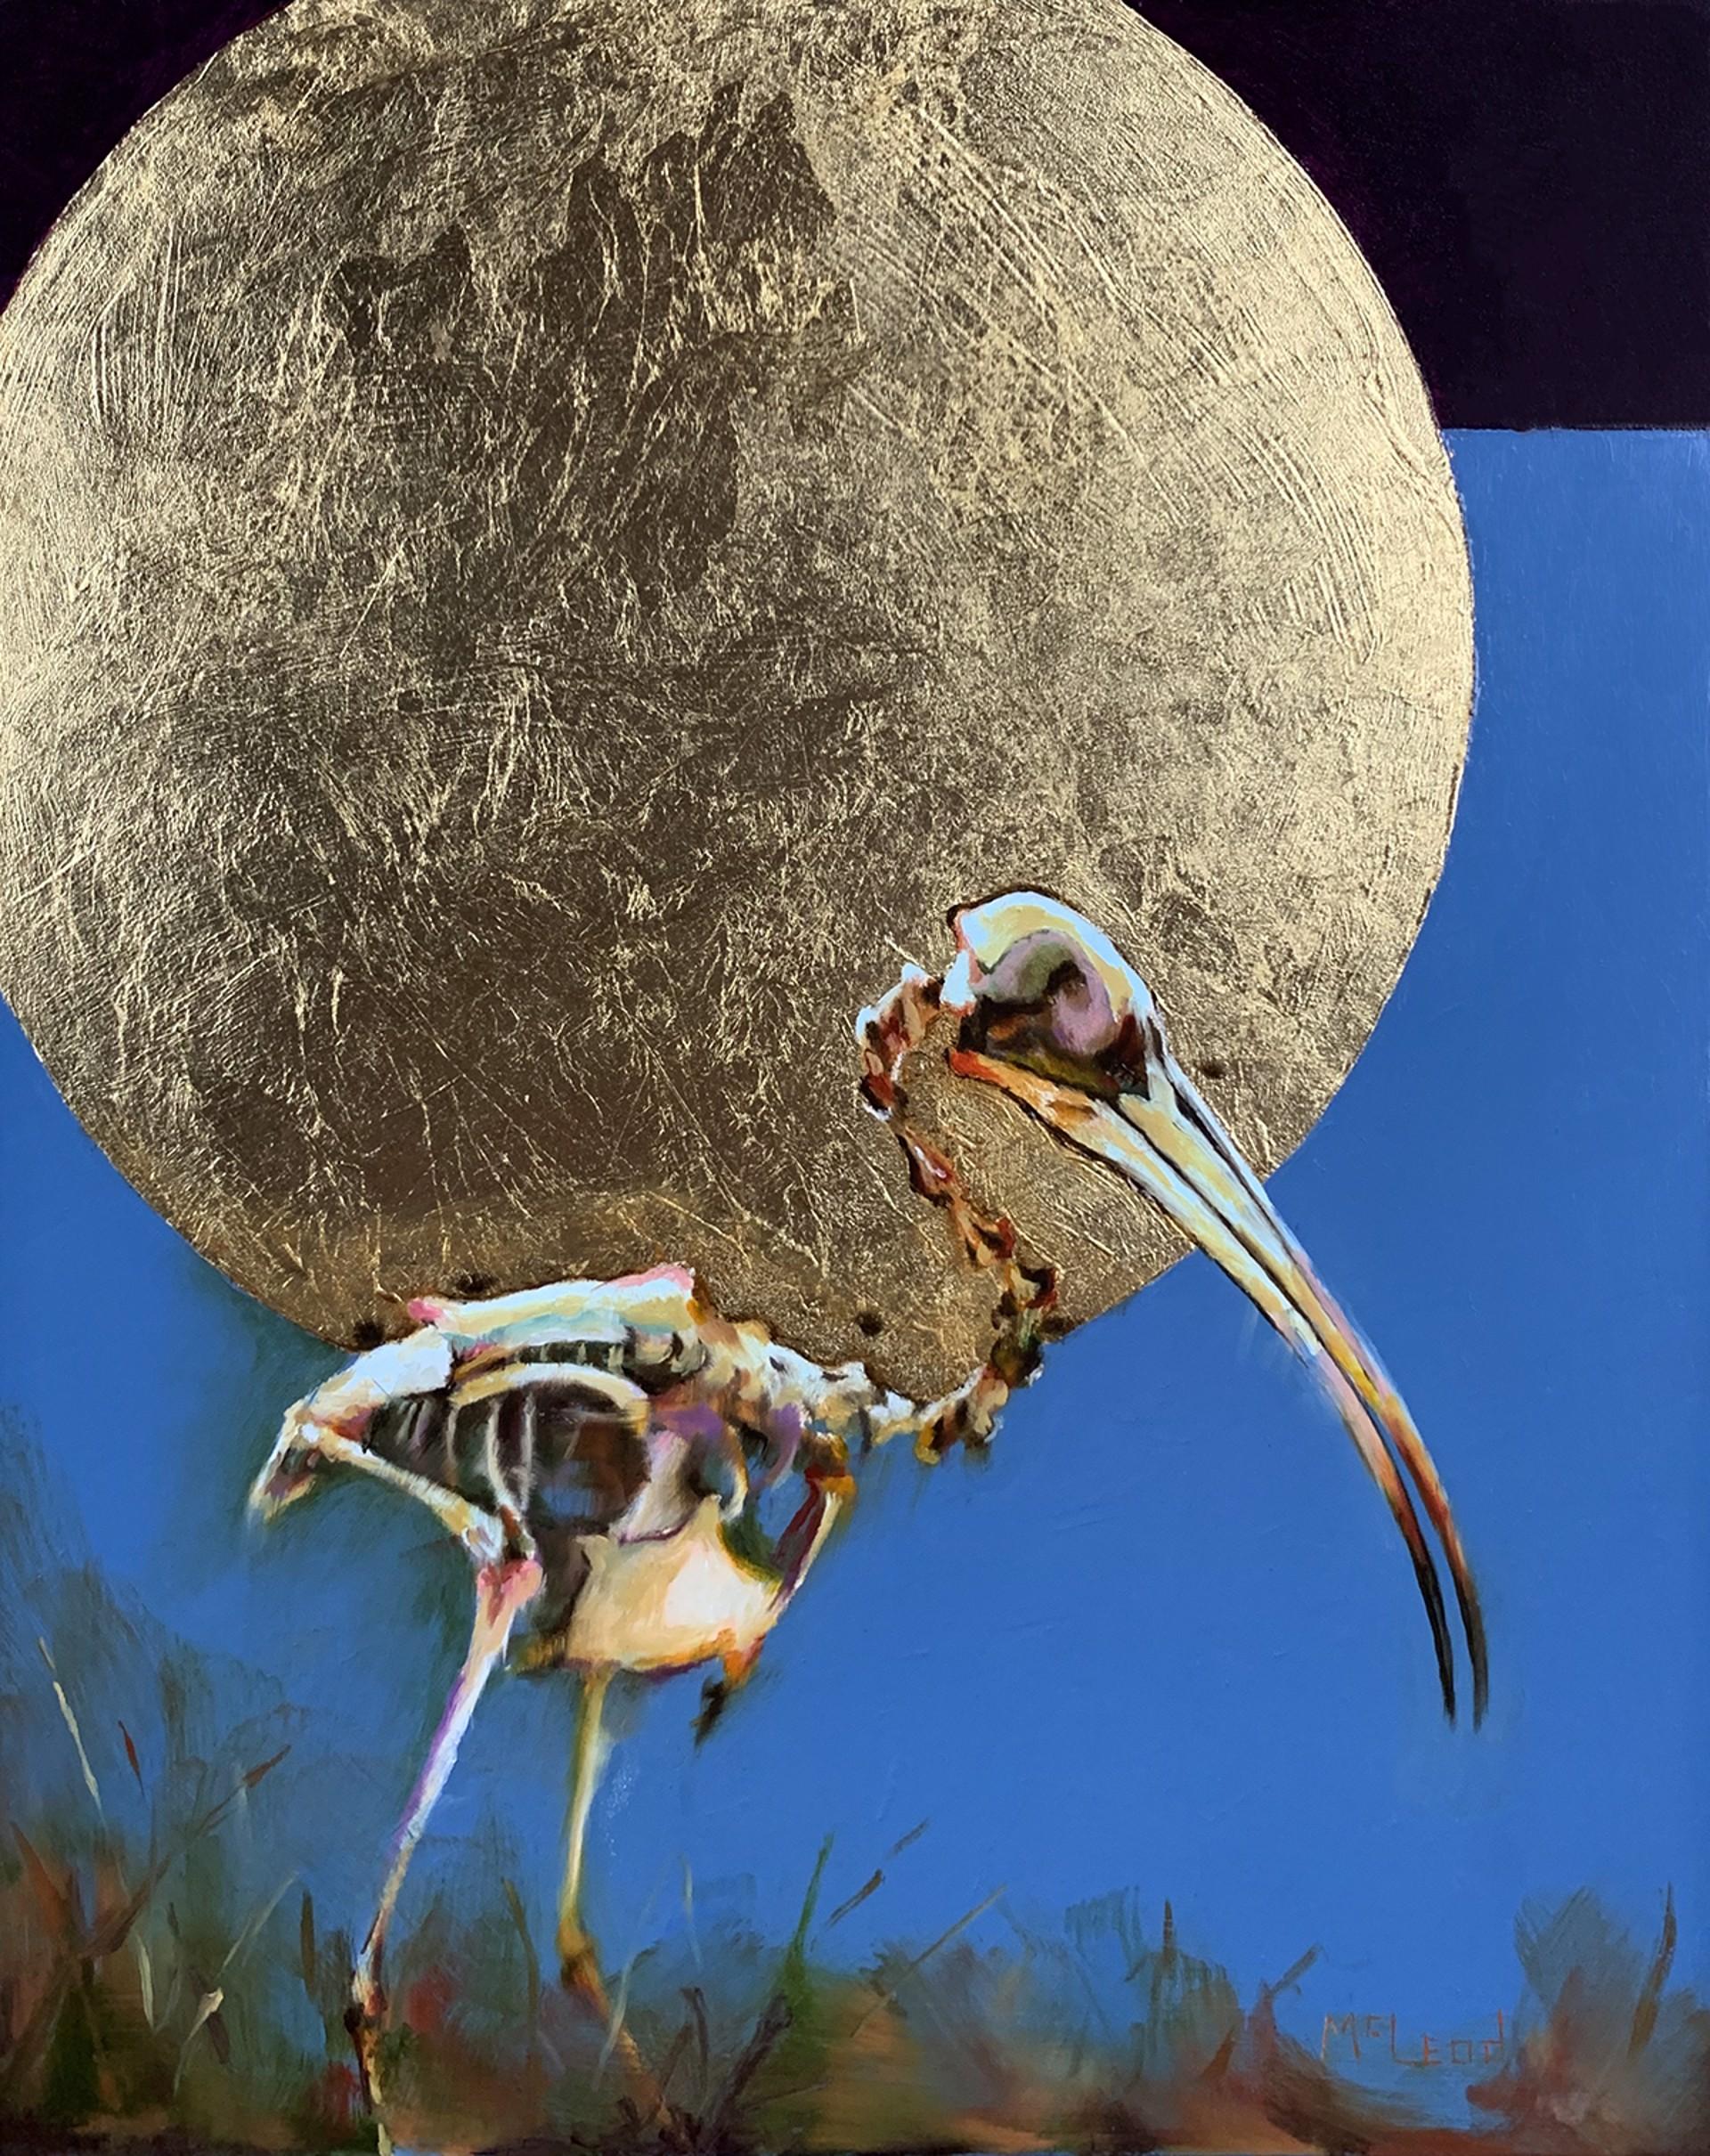 Ibis by John McLeod